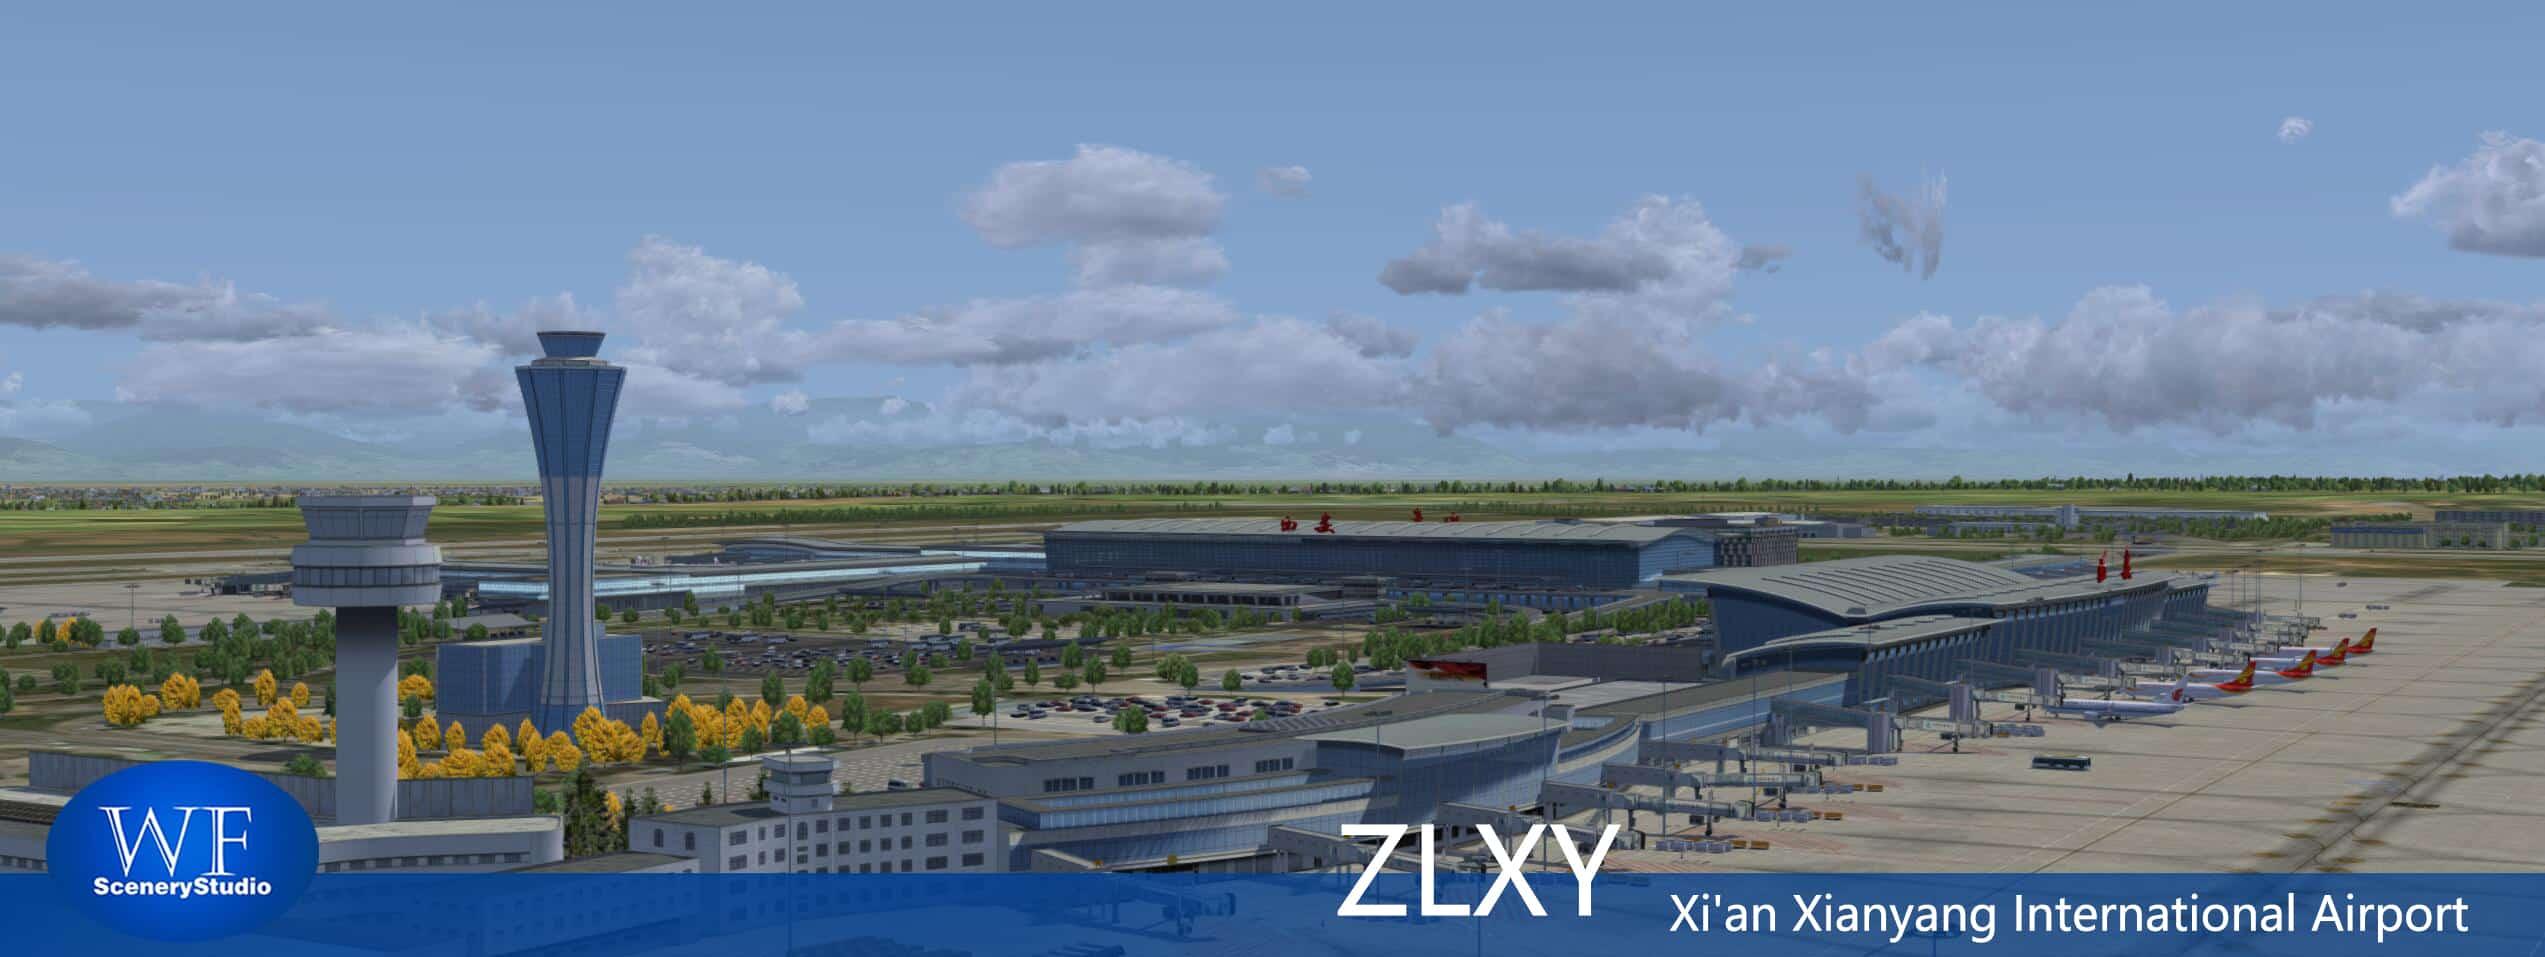 Xian Aeroporto : Wf scenery studio xi an xianyang intl zlxy p d after beijing